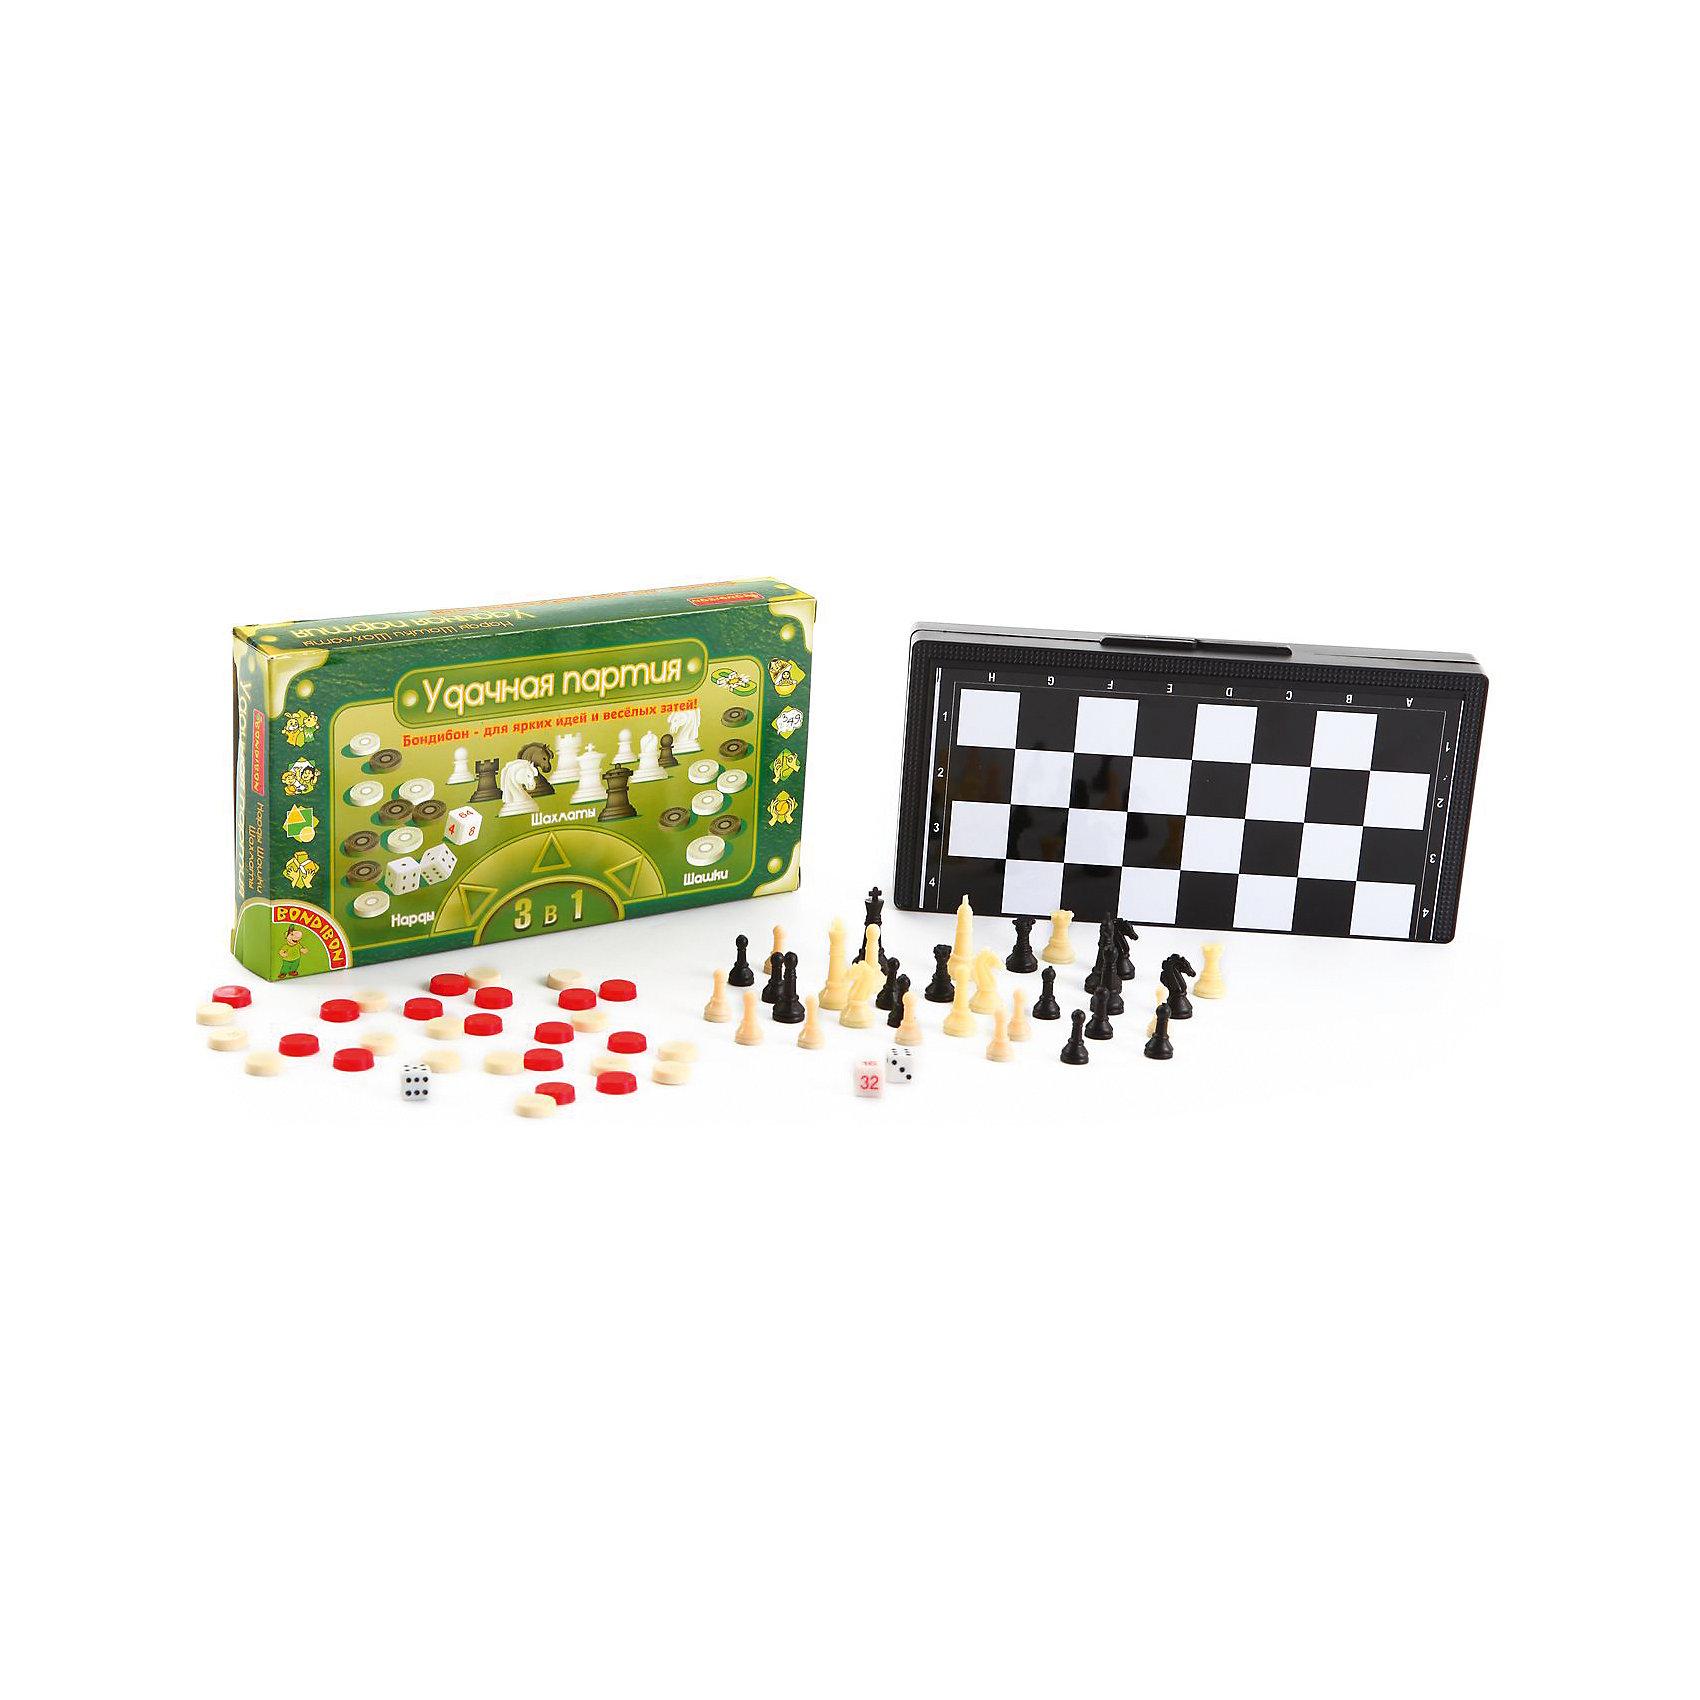 Набор 3в1 Нарды, шашки, шахматы арт, 25 см, BondibonНастольные игры<br>Этот набор поможет Вам весело провести время со своими друзьями и близкими. В комплект включены сразу три известные игры – шашки, шахматы и нарды. Игра имеет компактный размер, ее будет удобно взять на дачу или скоротать длинную дорогу в поезде. Все элементы игры имеют магнитную основу, благодаря чему надежно крепятся к игровому полю.<br><br>Дополнительная информация:<br><br>- Возраст: от 5 лет<br>- В комплекте: игровое поле, шашки, фишки, шахматные фигуры, игровые кости<br>- Материал: пластик<br>- Размер упаковки: 3х25х13 см<br>- Вес: 0.38 кг<br><br>Набор 3в1 Нарды, шашки, шахматы арт, 25 см, Bondibon можно купить в нашем интернет-магазине.<br><br>Ширина мм: 35<br>Глубина мм: 250<br>Высота мм: 130<br>Вес г: 384<br>Возраст от месяцев: 72<br>Возраст до месяцев: 1188<br>Пол: Унисекс<br>Возраст: Детский<br>SKU: 4864491